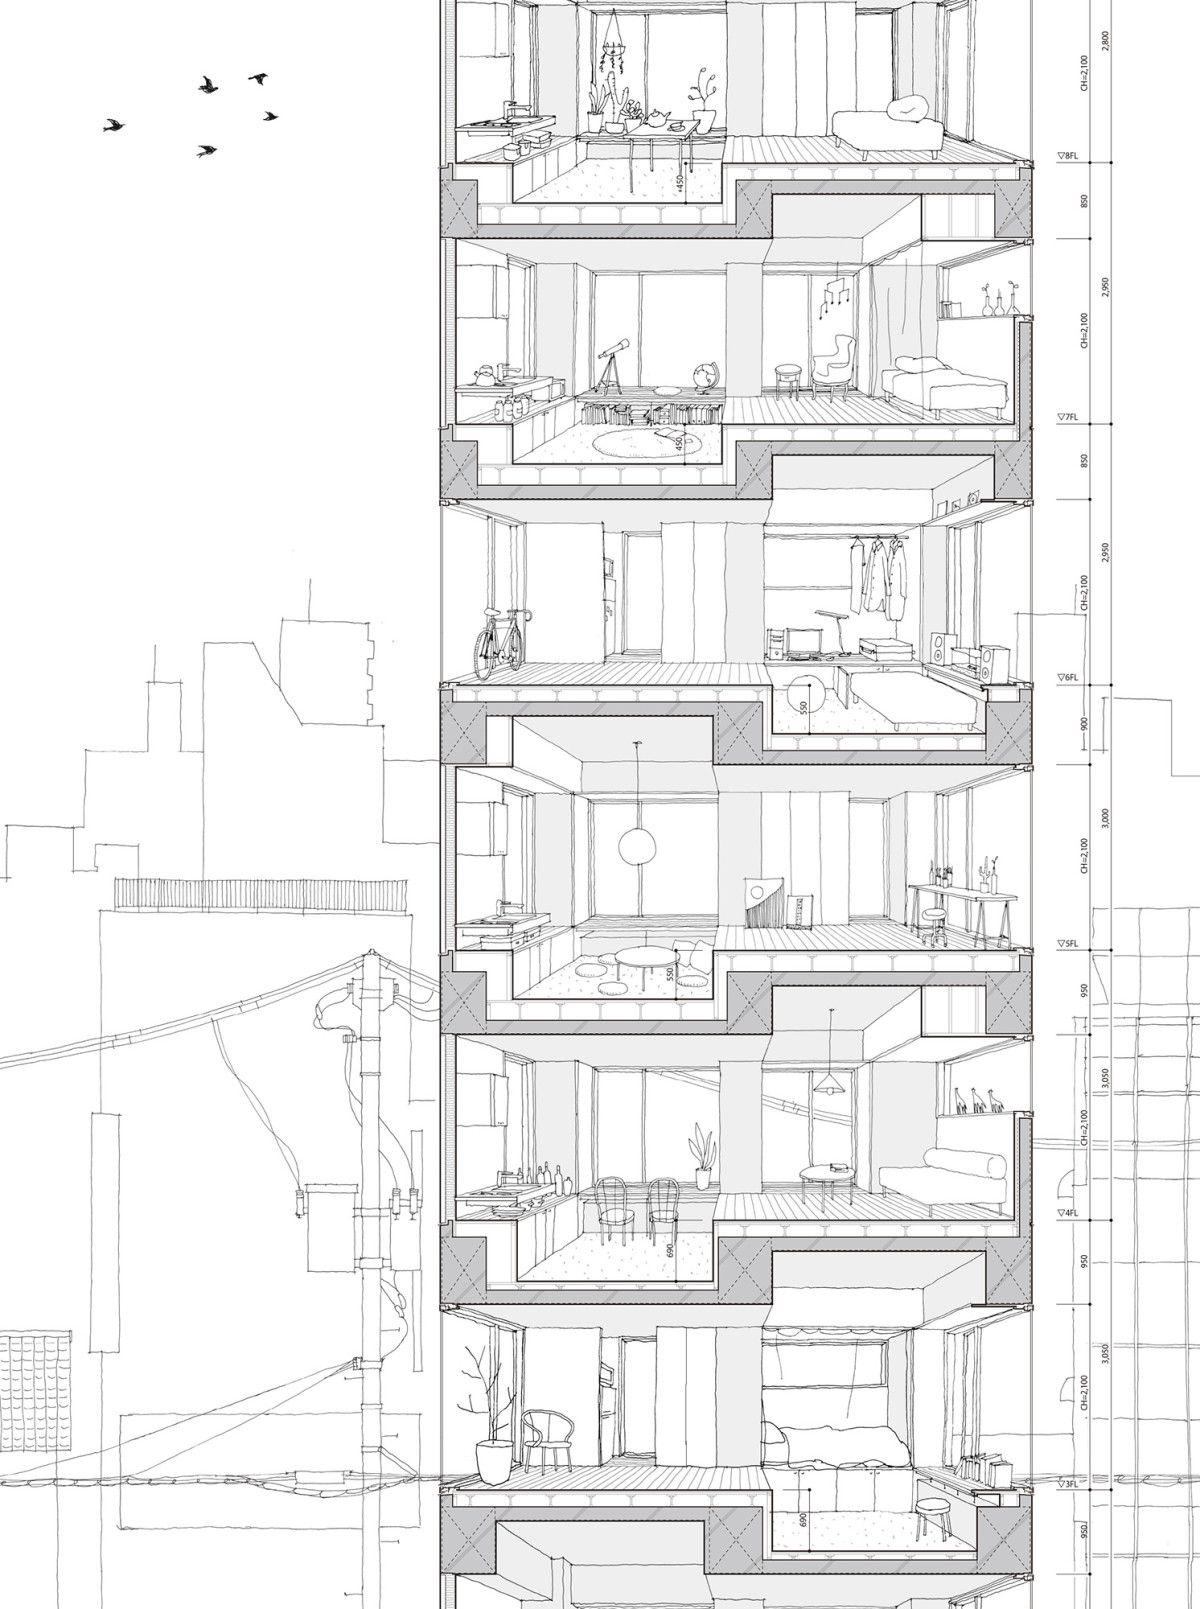 Grundriss Architektur pin light auf raumplan grundriss wohnung